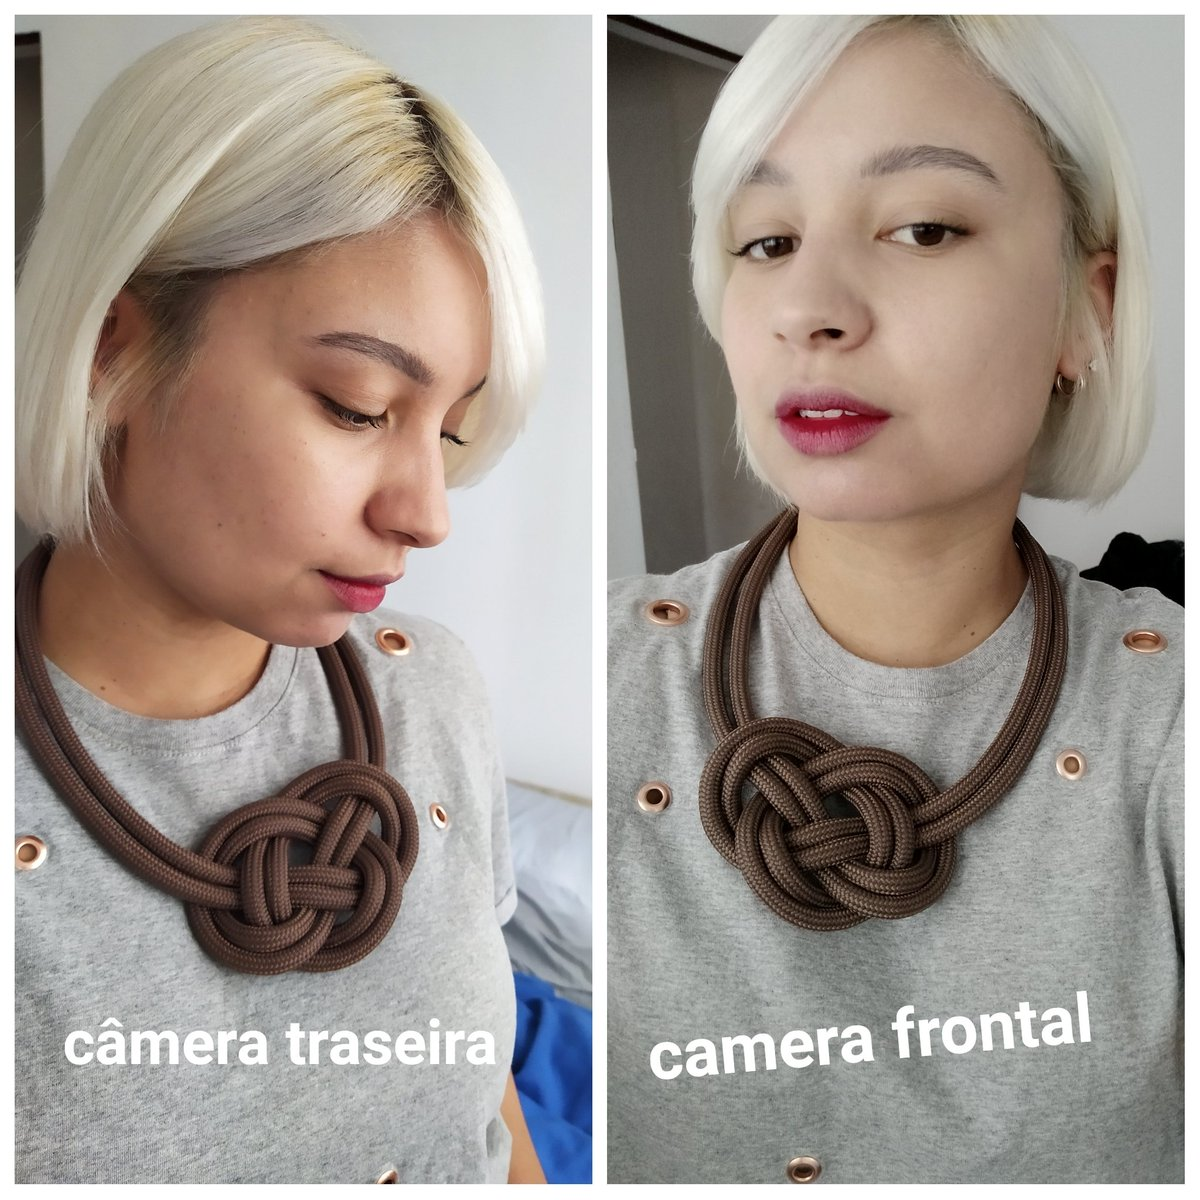 """se tem uma única coisa q me incomoda no meu #RedmiNote7  é esse """"filtro"""" na câmera frontal q me deixa pálida igual uma parede... é alguma coisa q possa ser corrigida na configuração @XiaomiBrasil? acho meio errado mudar a cor da minha pele assim #nofilter #Xiaomi"""